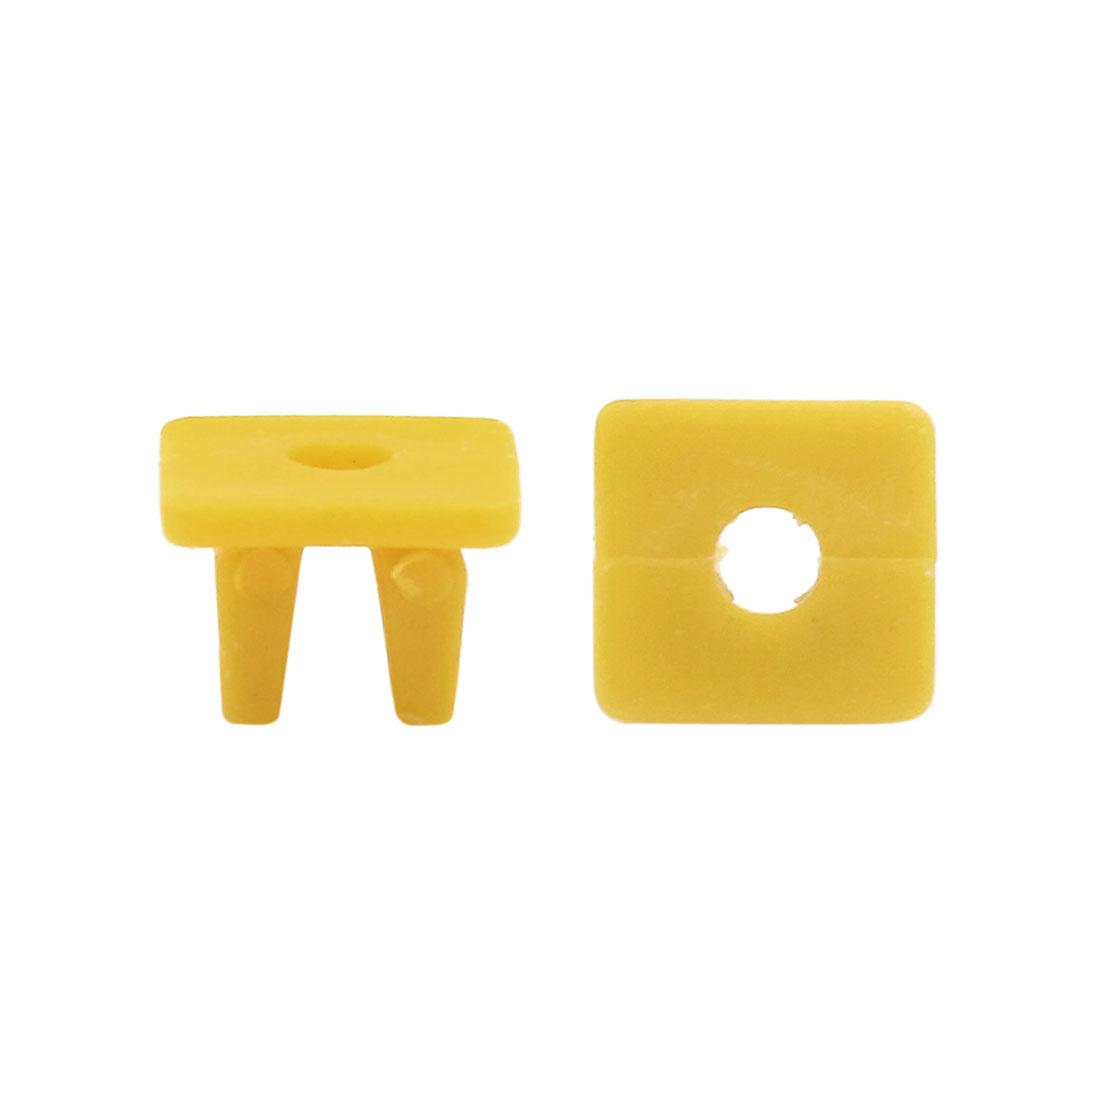 100Pcs Universal Plastic Car Door Trim Clips Bumper Fastener Retainer Bumper Clip Rivets Push Pin Clips Keenso